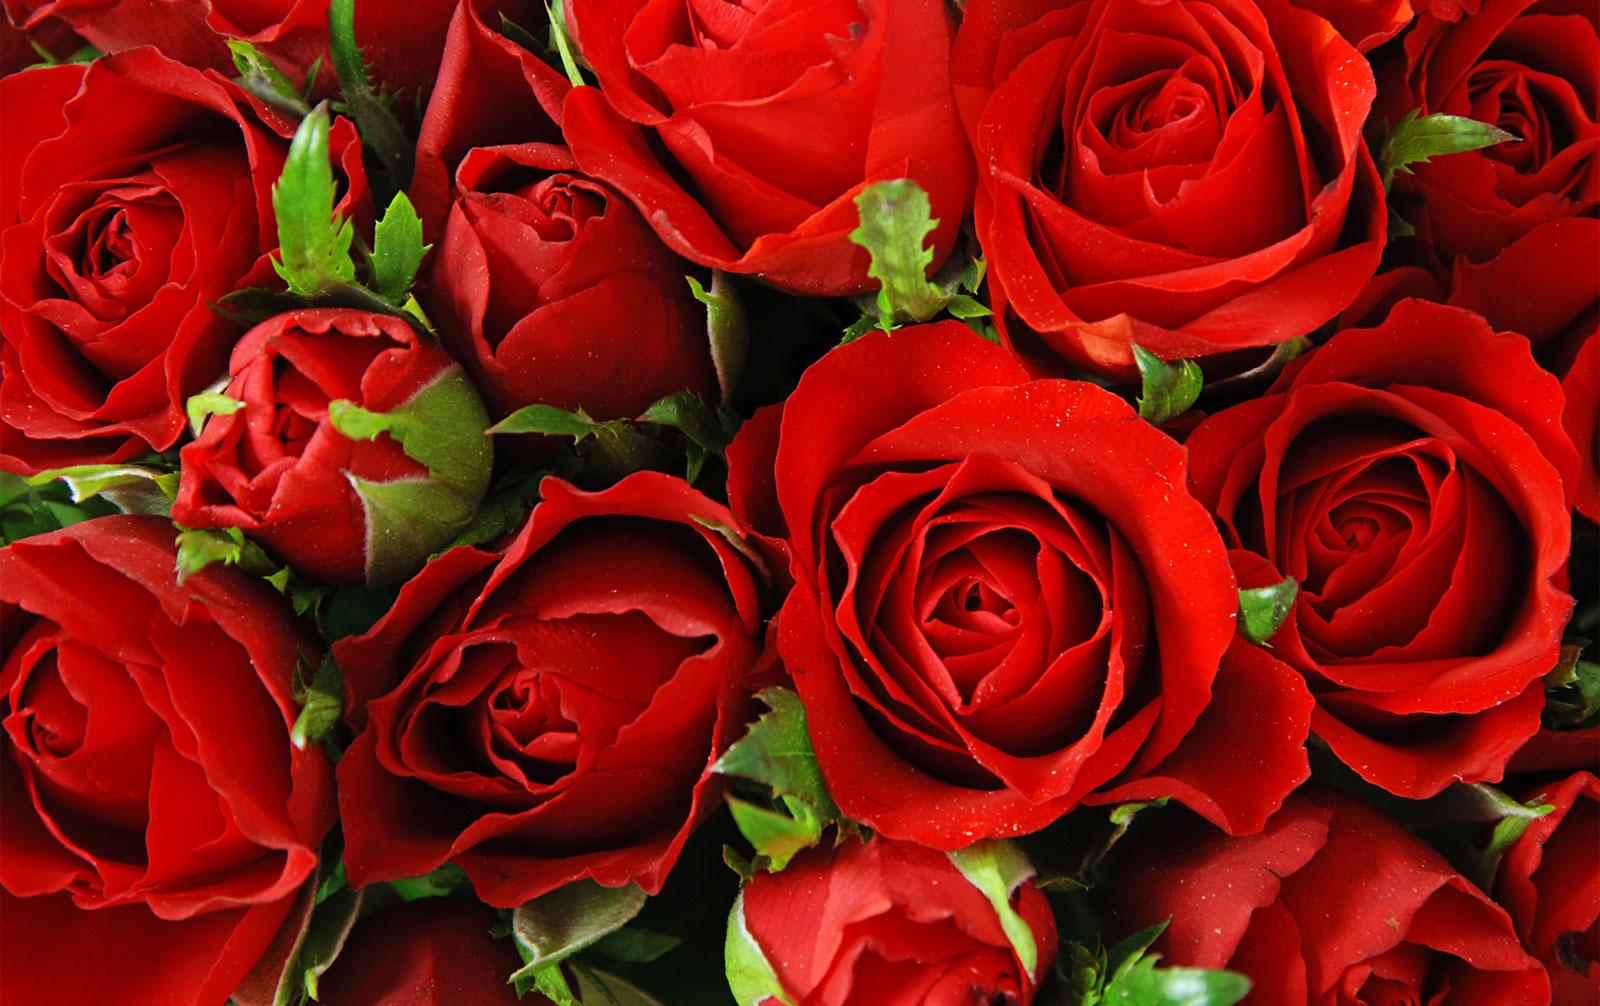 Svazek Růží - Ilustrační Obrázek